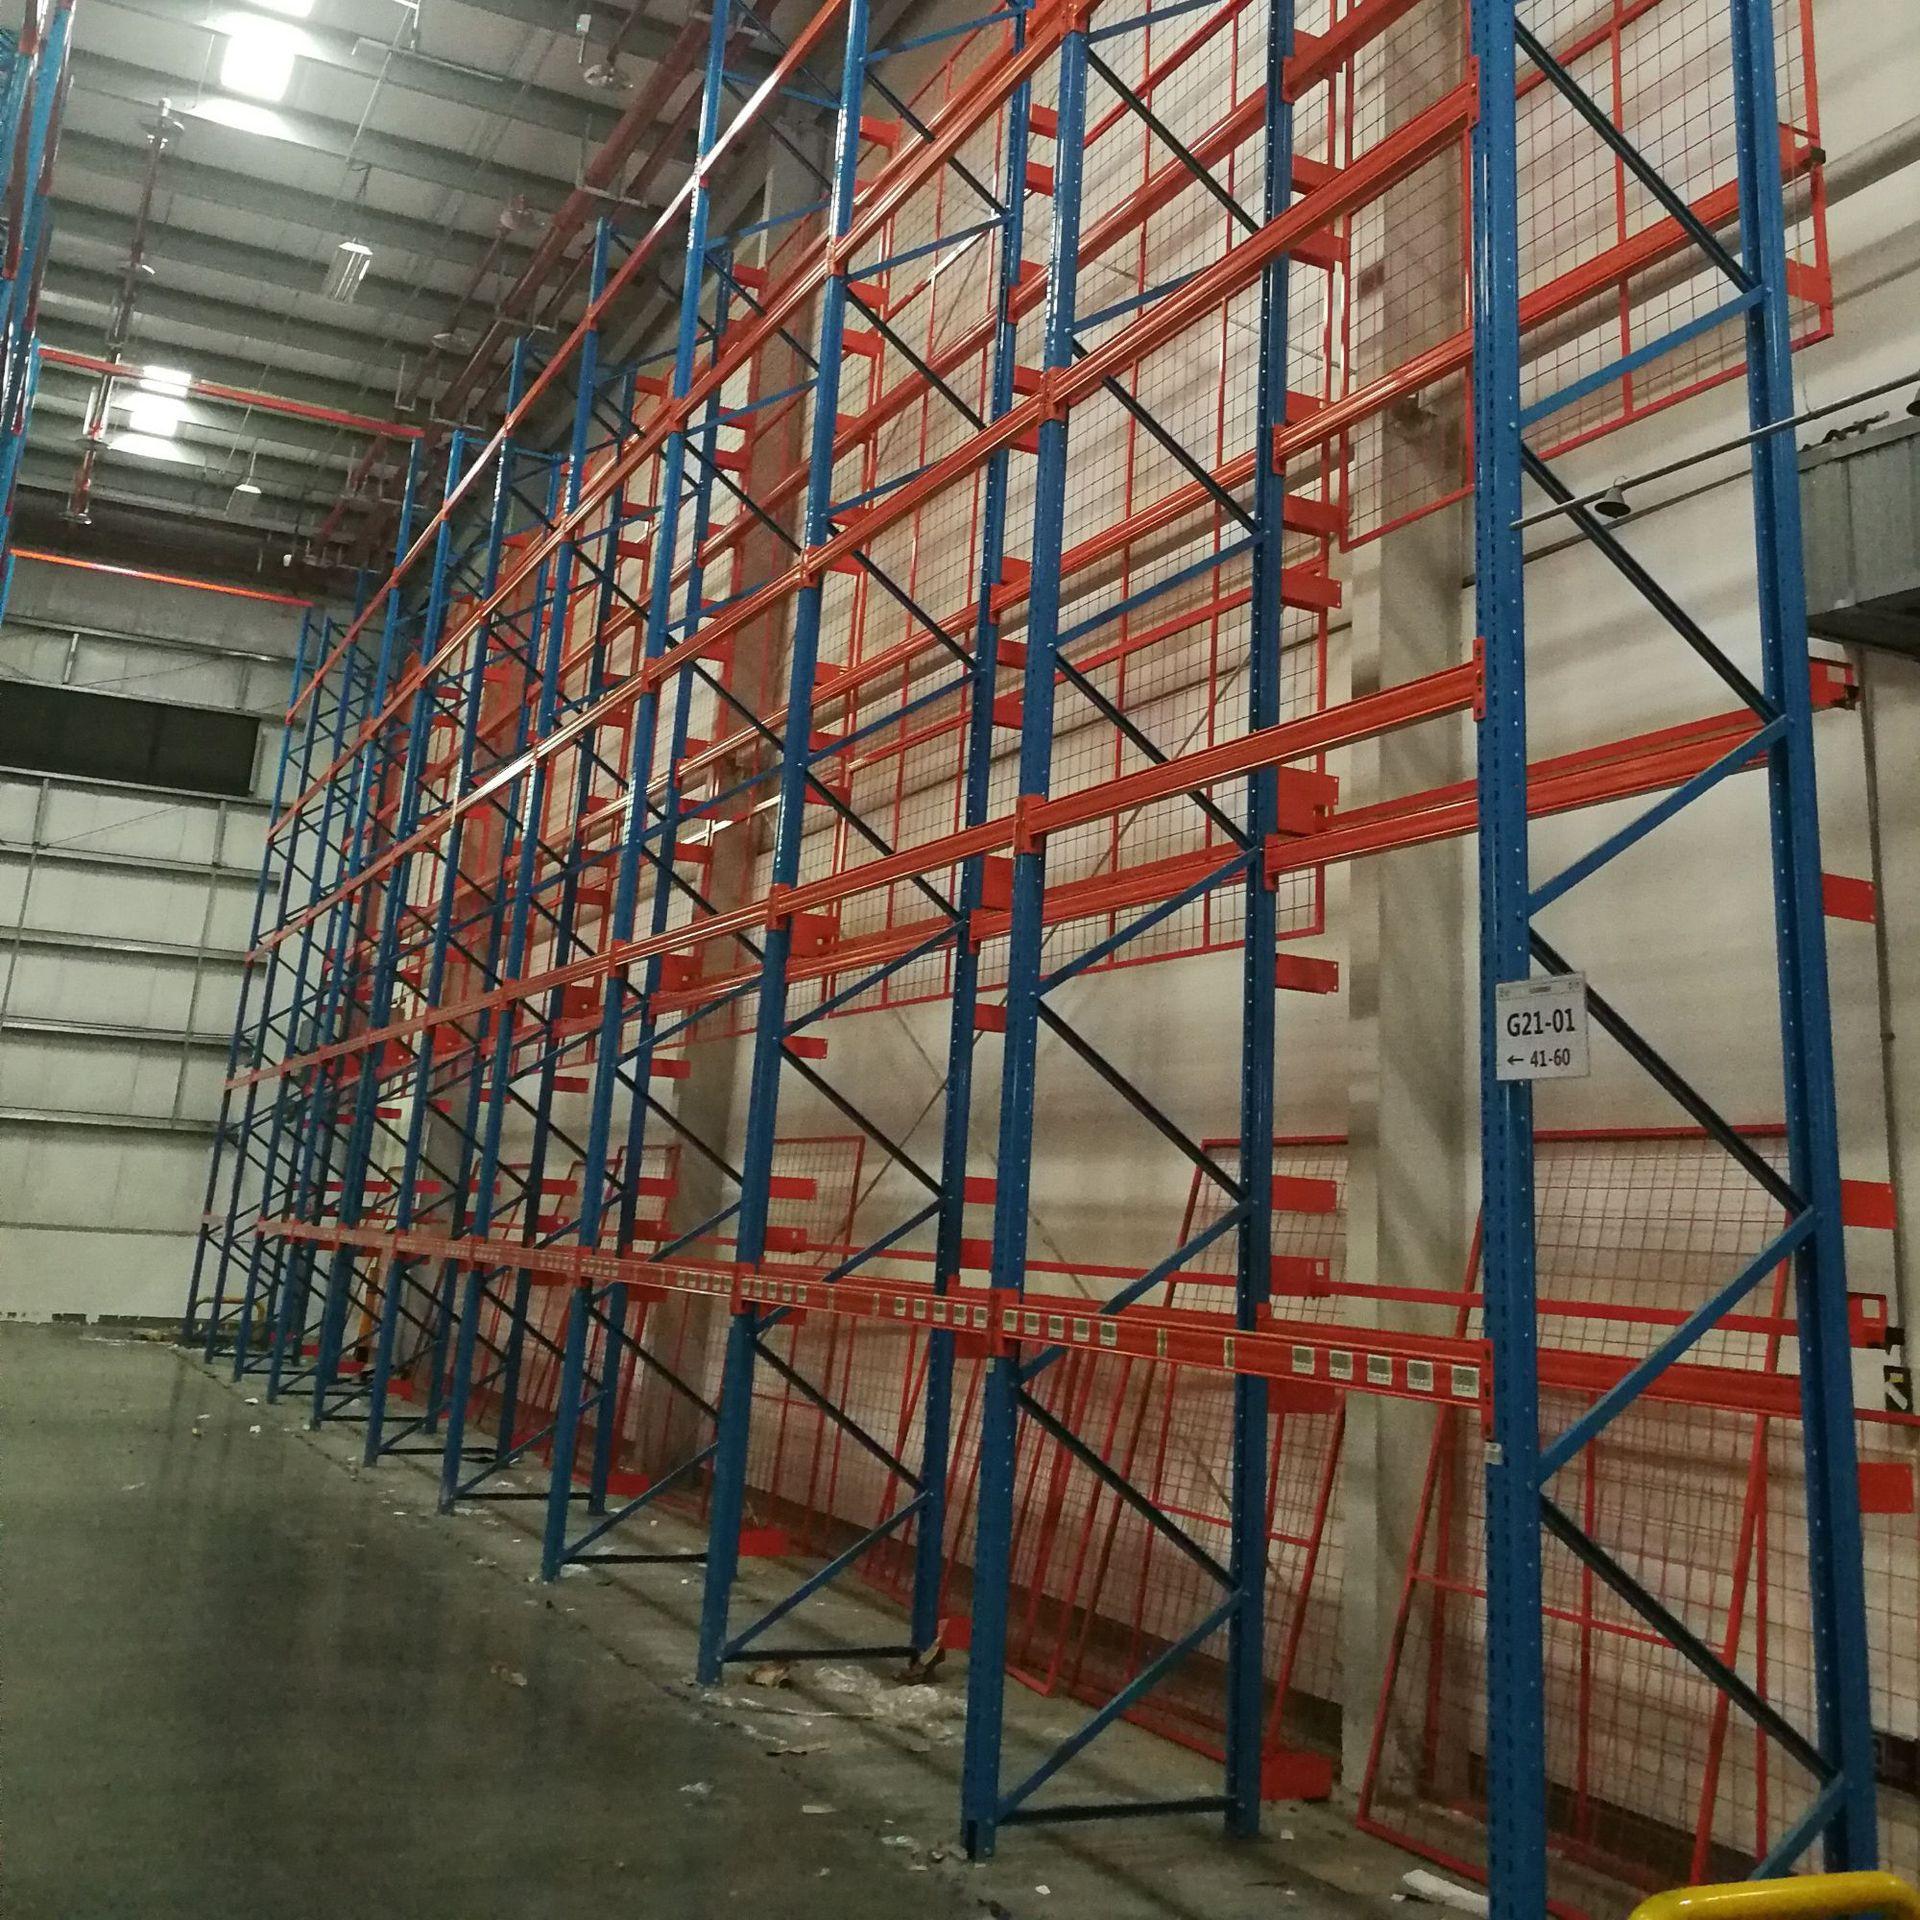 Các nhà sản xuất bán buôn logistics các ngăn kệ cao hạng nặng trang phục chiếc kệ kho ở Huệ Châu